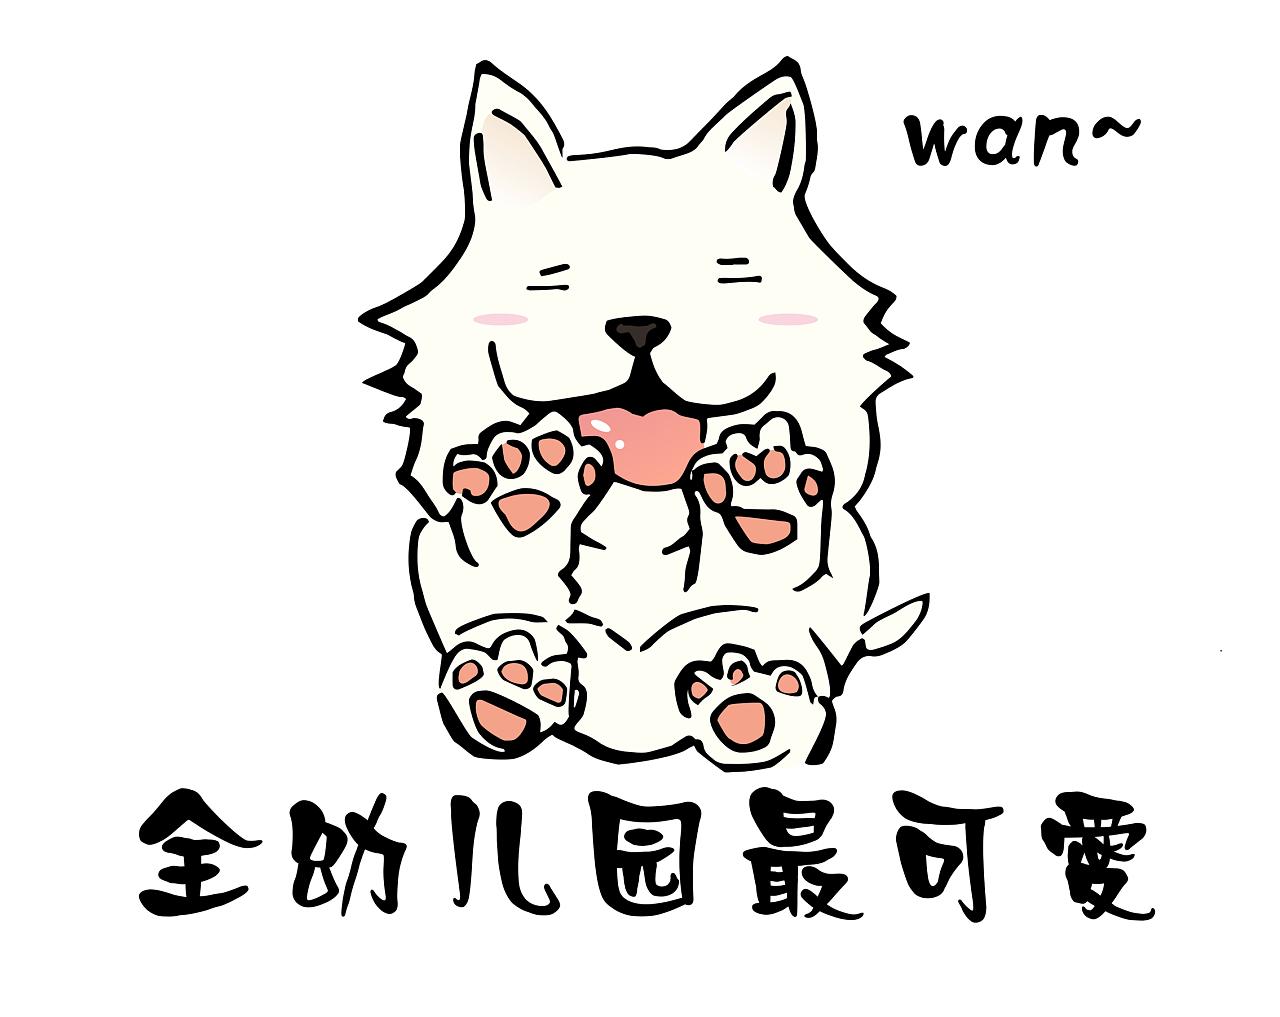 原创萌宠表情包-萨摩耶犬|动漫|肖像漫画|蓬莱仙童